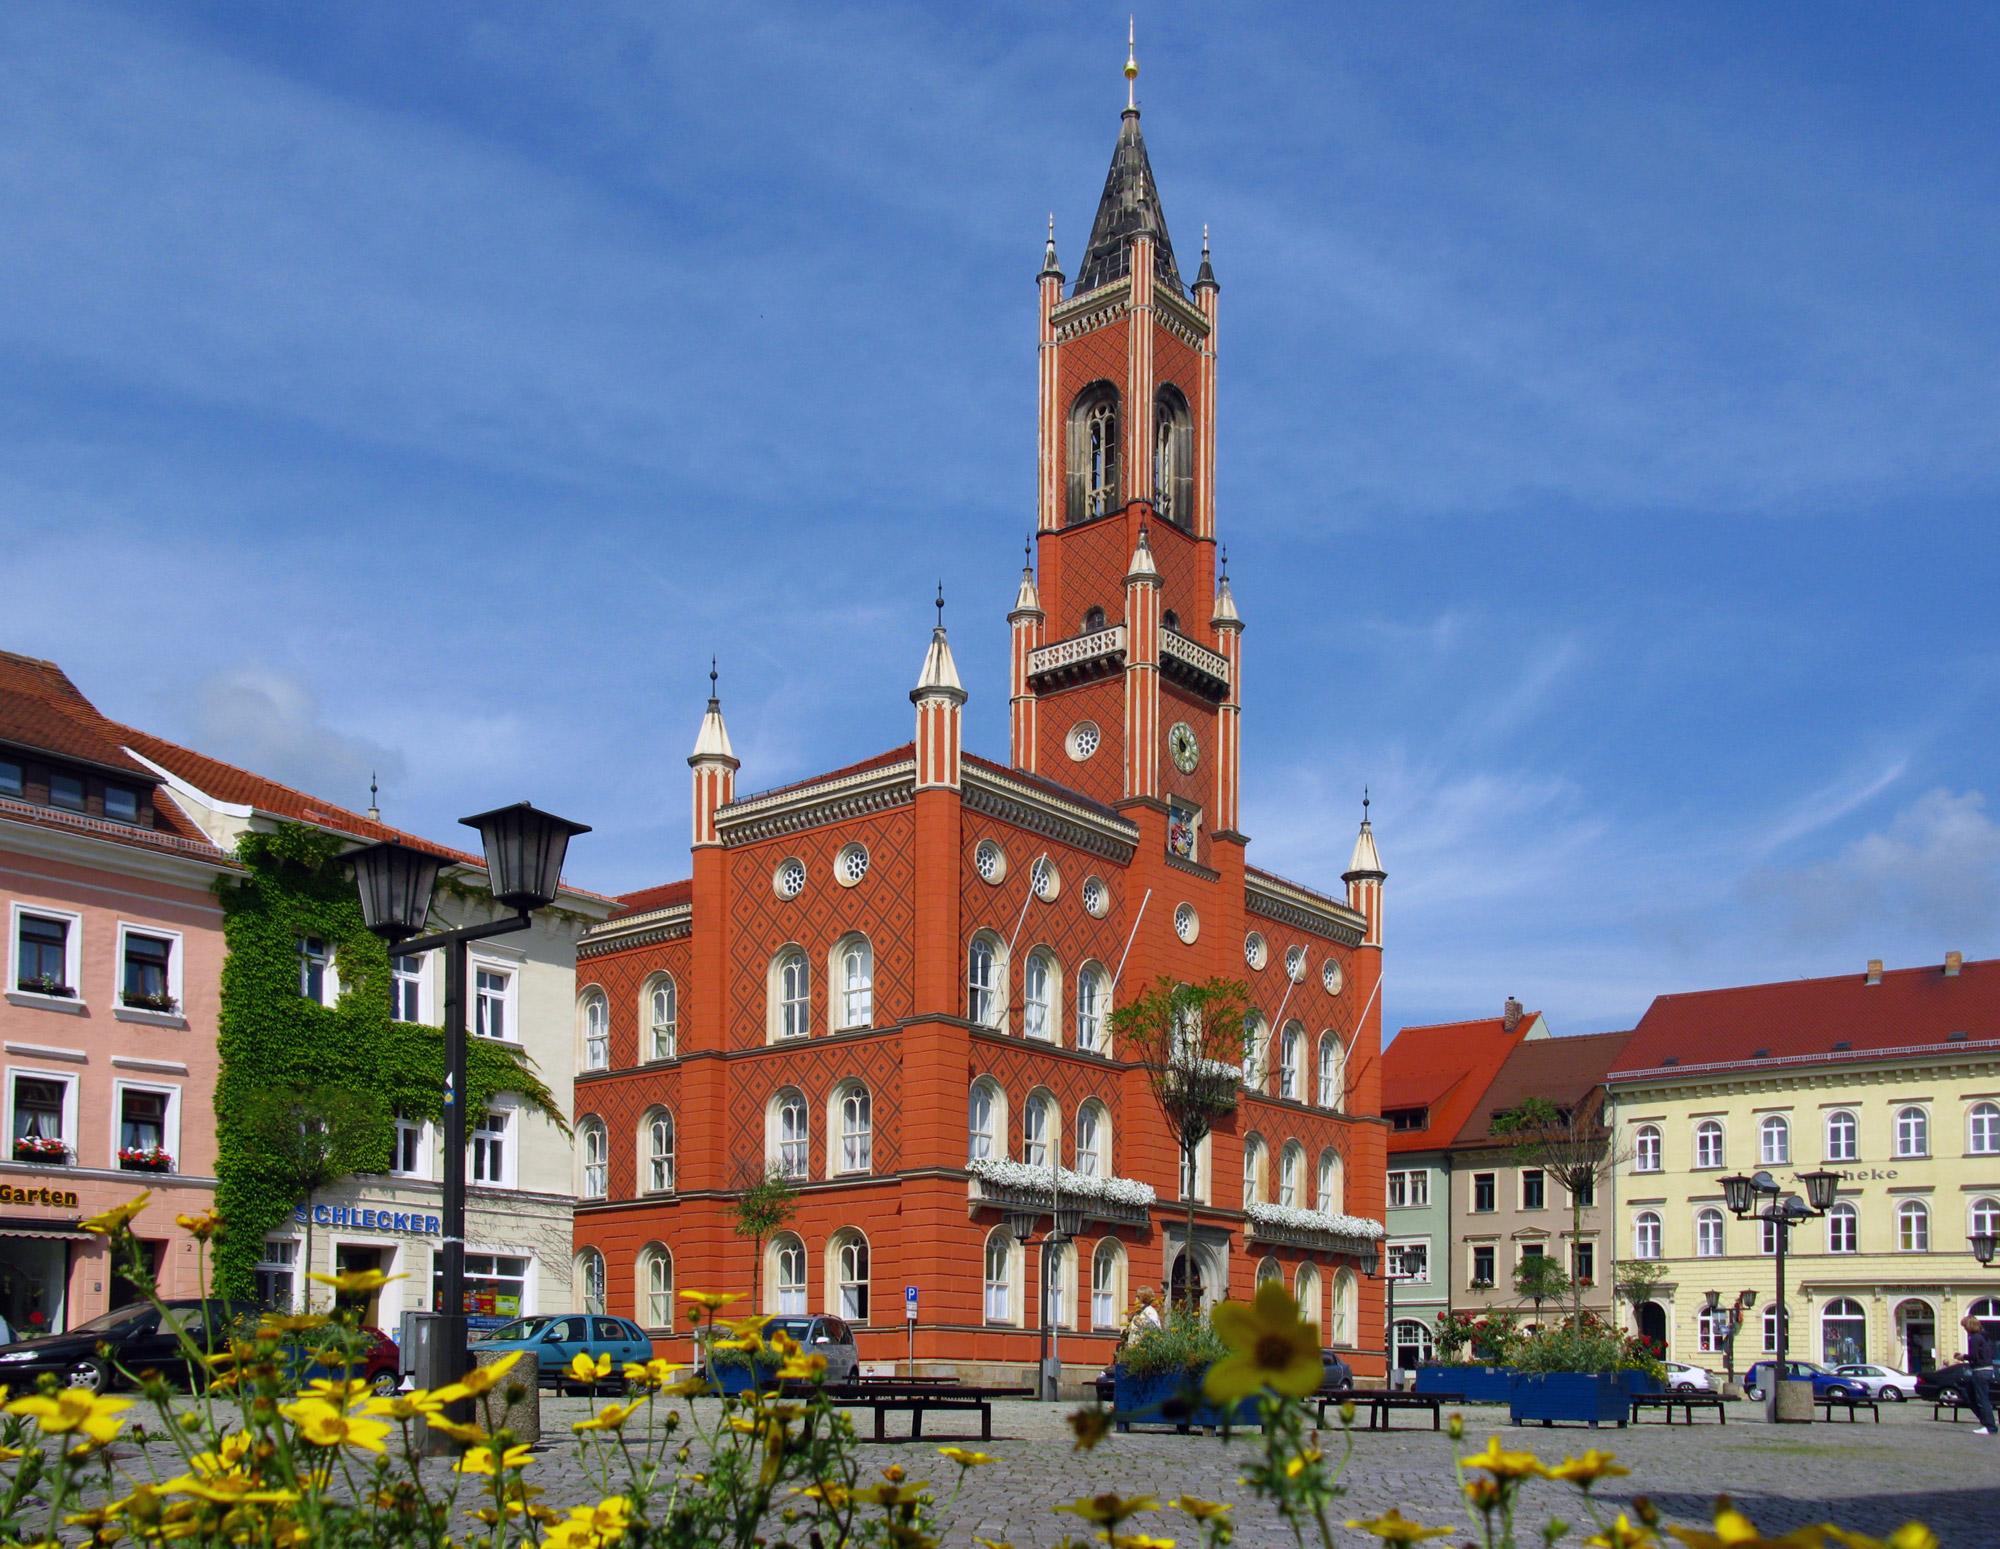 De mooiste steden in Saksen - Kamenz